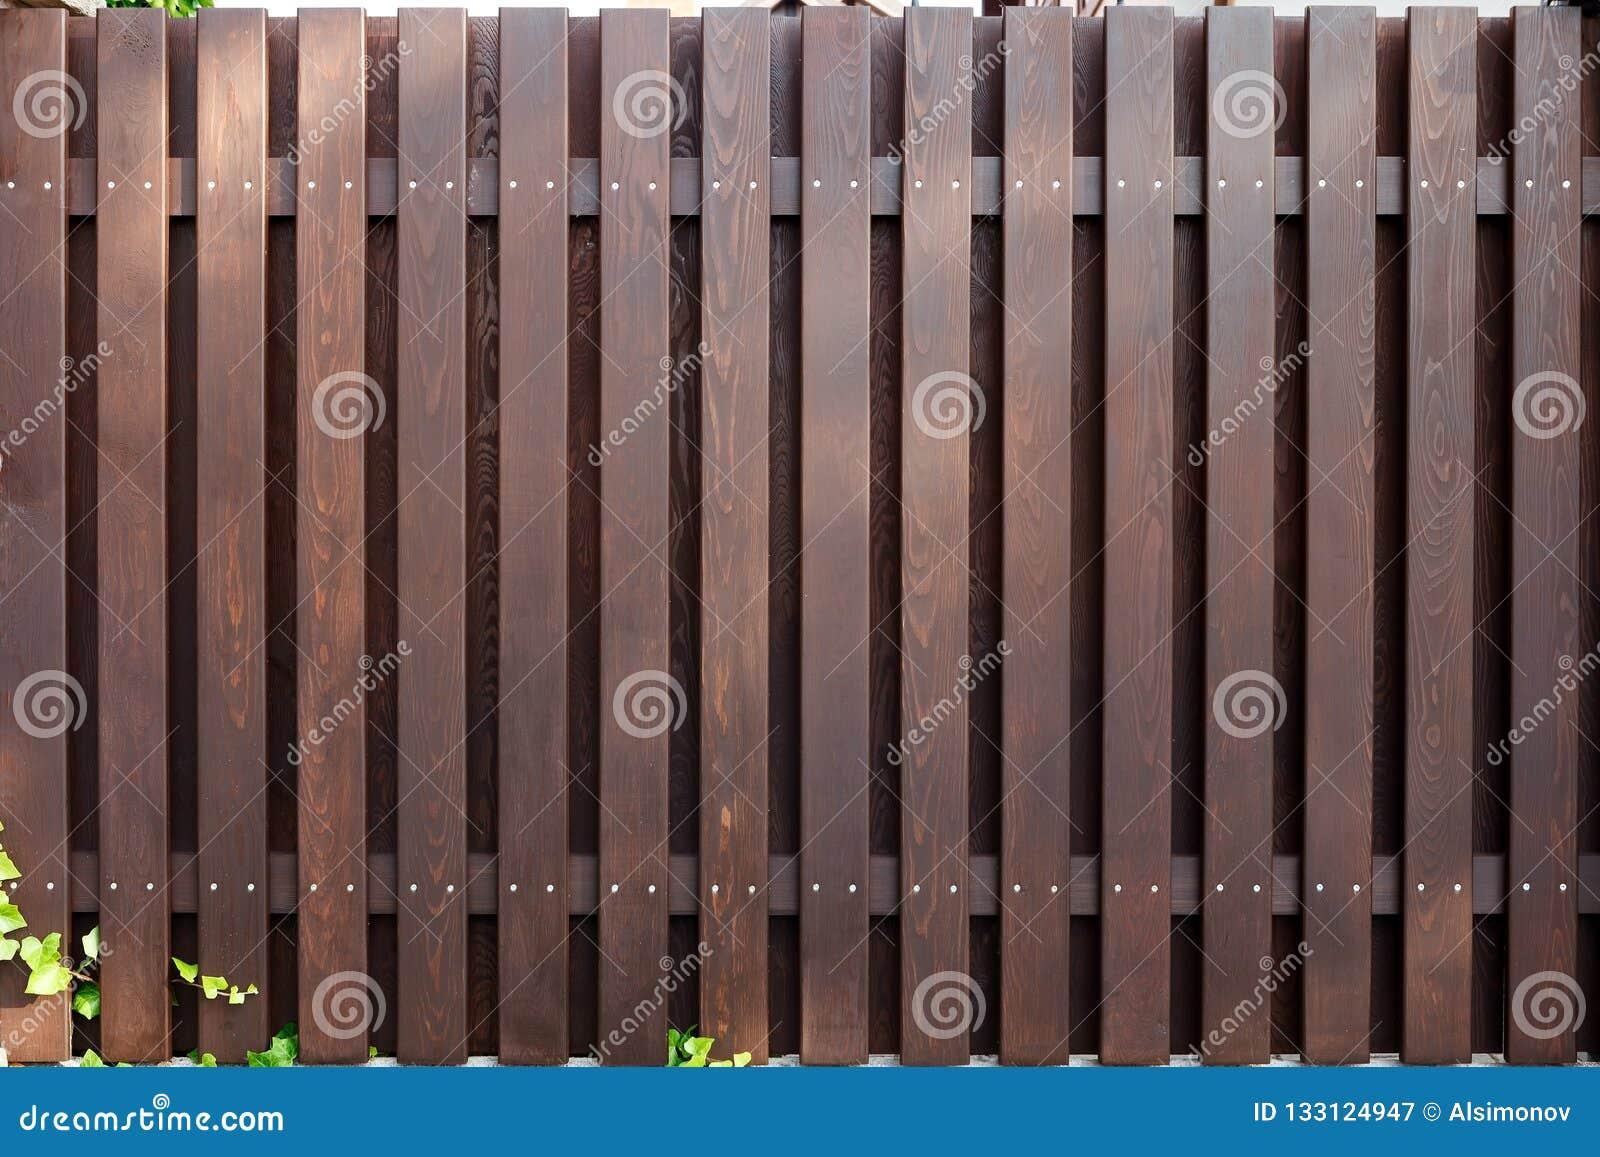 Nieuwe moderne houten omheinings donkere bruine kleur